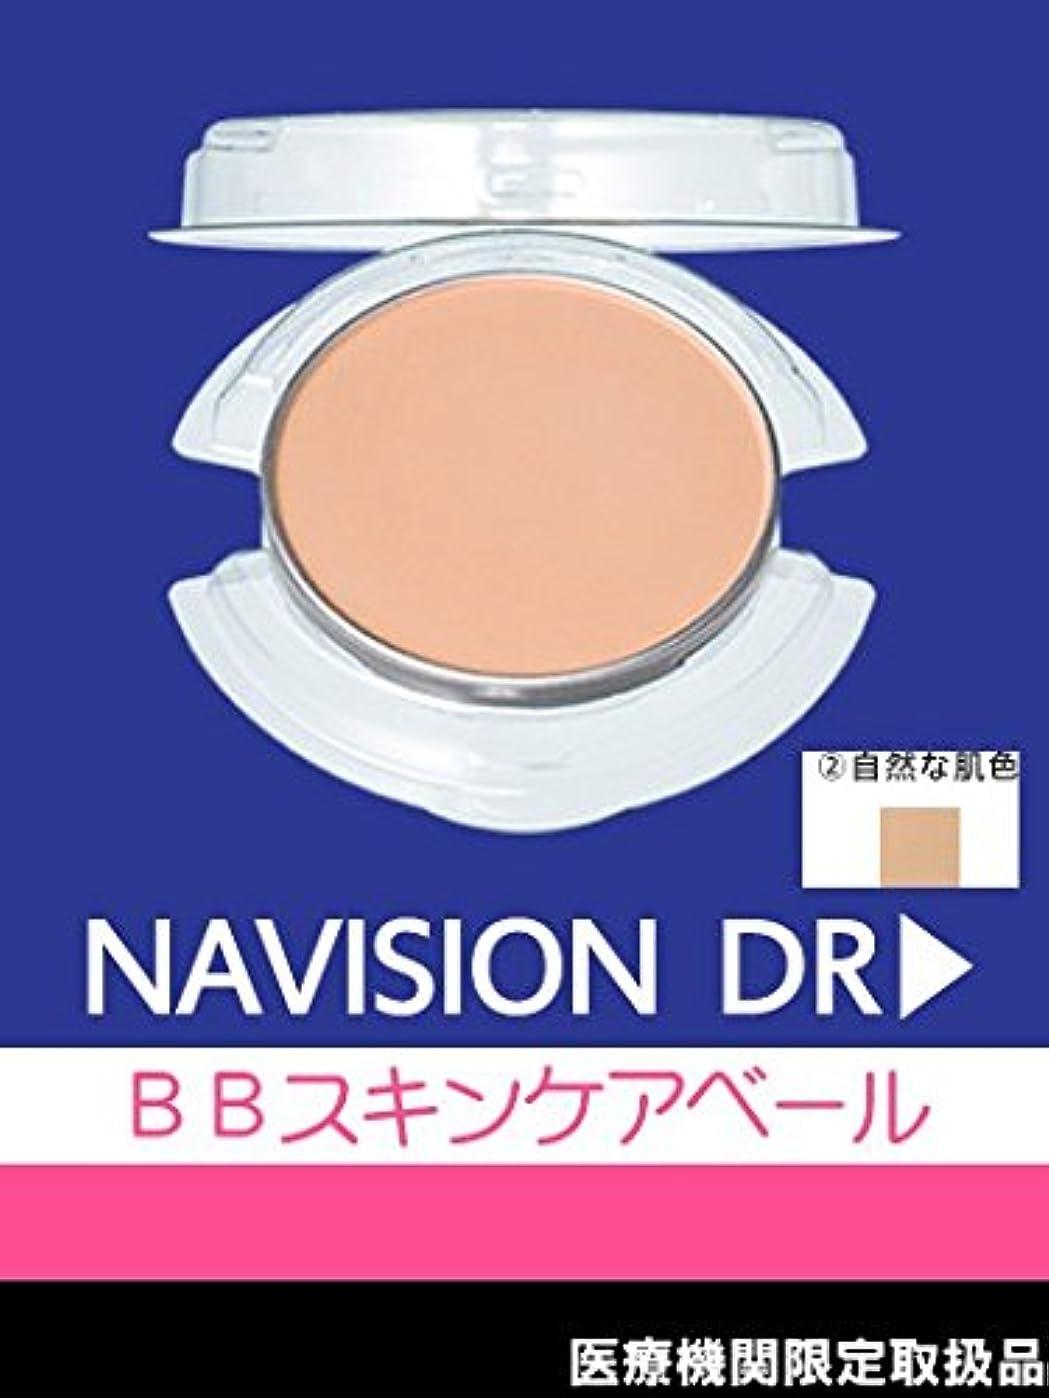 代理人反発する葉を拾うNAVISION DR? ナビジョンDR BBスキンケアベール ②自然な肌色(レフィルのみ)9.5g【医療機関限定取扱品】